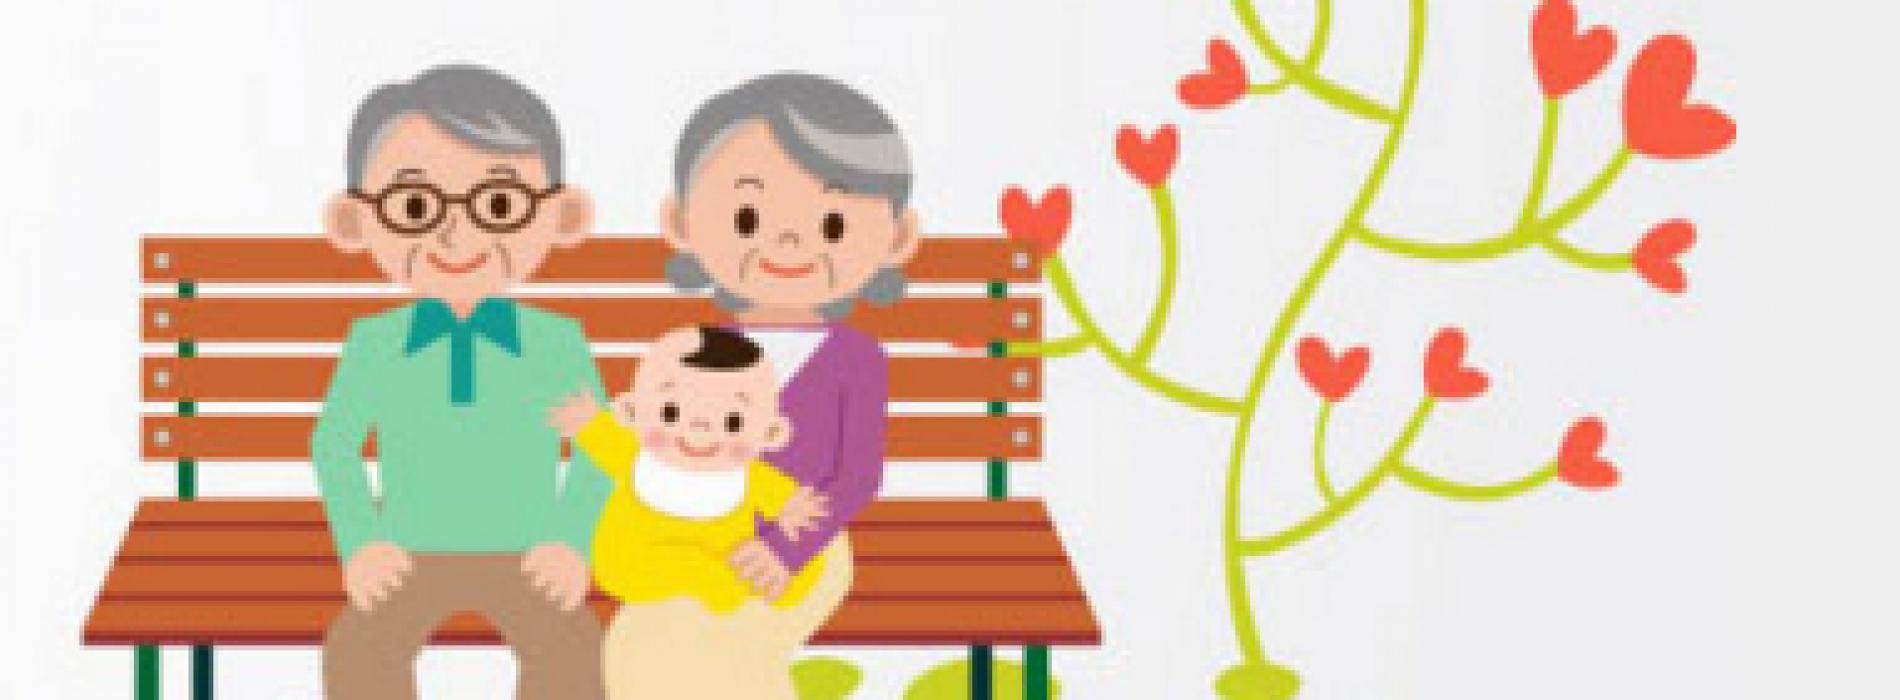 百家寶親子集團致力為香港家長提供優質、專業的育兒及教育資訊。曾出版《Parents Journal育兒天地》及《Baby Journal育嬰天地》親子雜誌,深受父母追捧。每年更在香港灣仔會議展覽中心舉行大型「百家寶BB展暨兒童全方位學習博覽」,合作商戶超過三百多間。 我們亦會舉辦各類型教育講座、工作坊及親子活動等等。透過互聯網、手機程式、各類媒體;聯繫各大商場、商業合作伙伴、育兒專家及學者等,讓父母能一「百家寶網站」在手,就能知天下育兒之事。